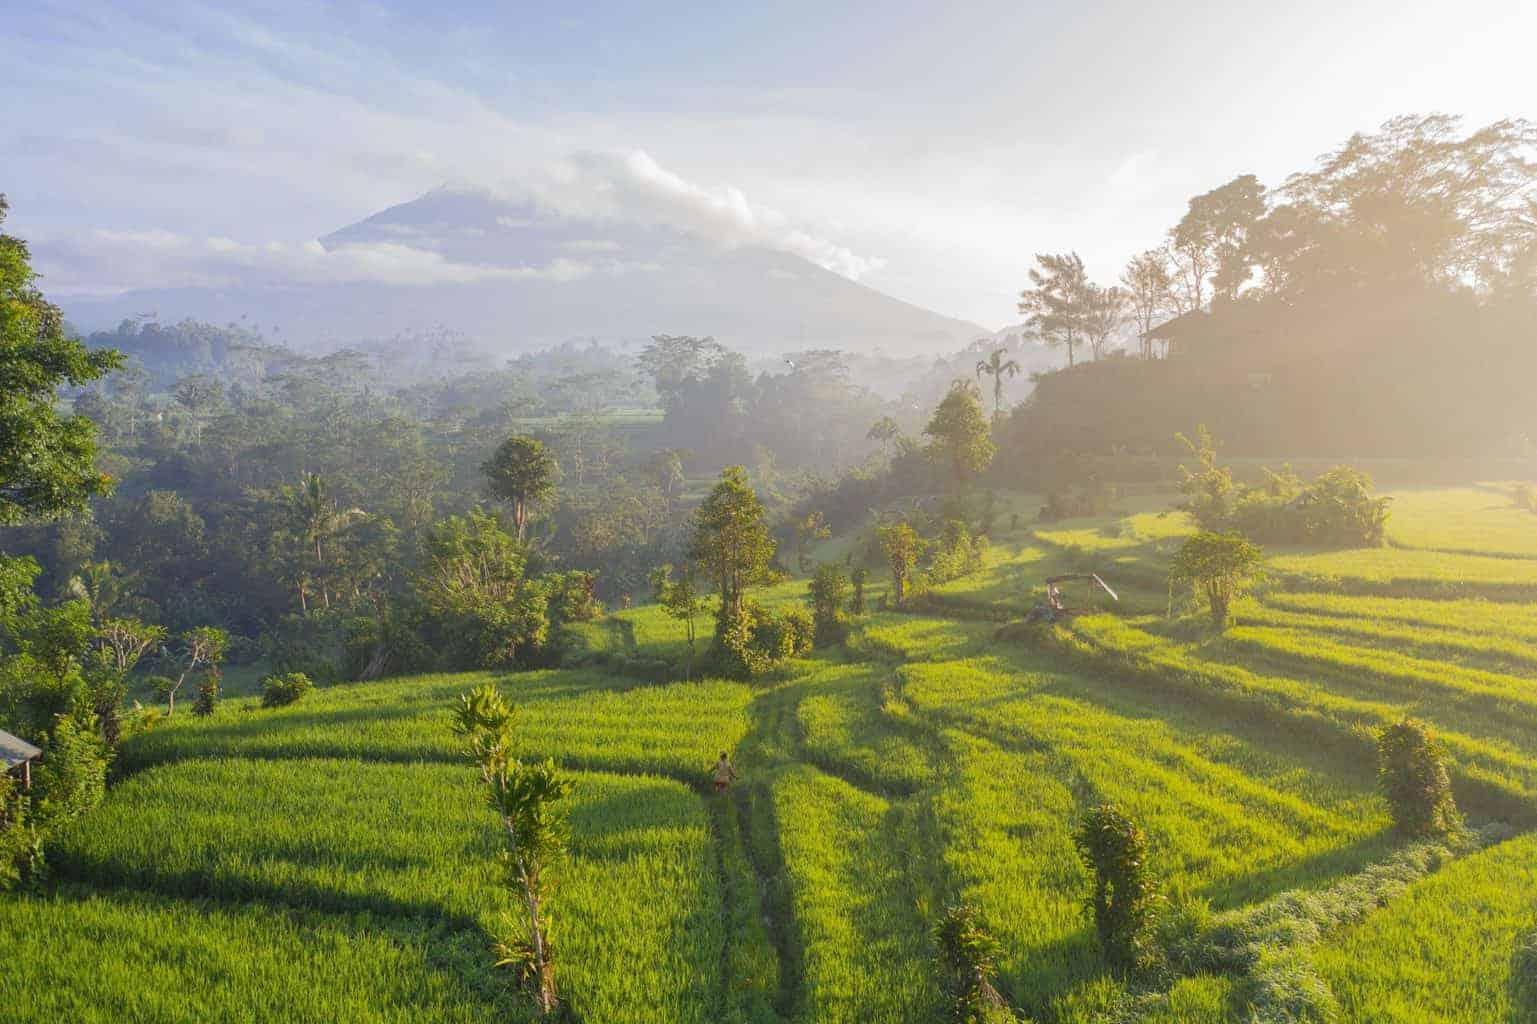 Bali for Digital Nomads